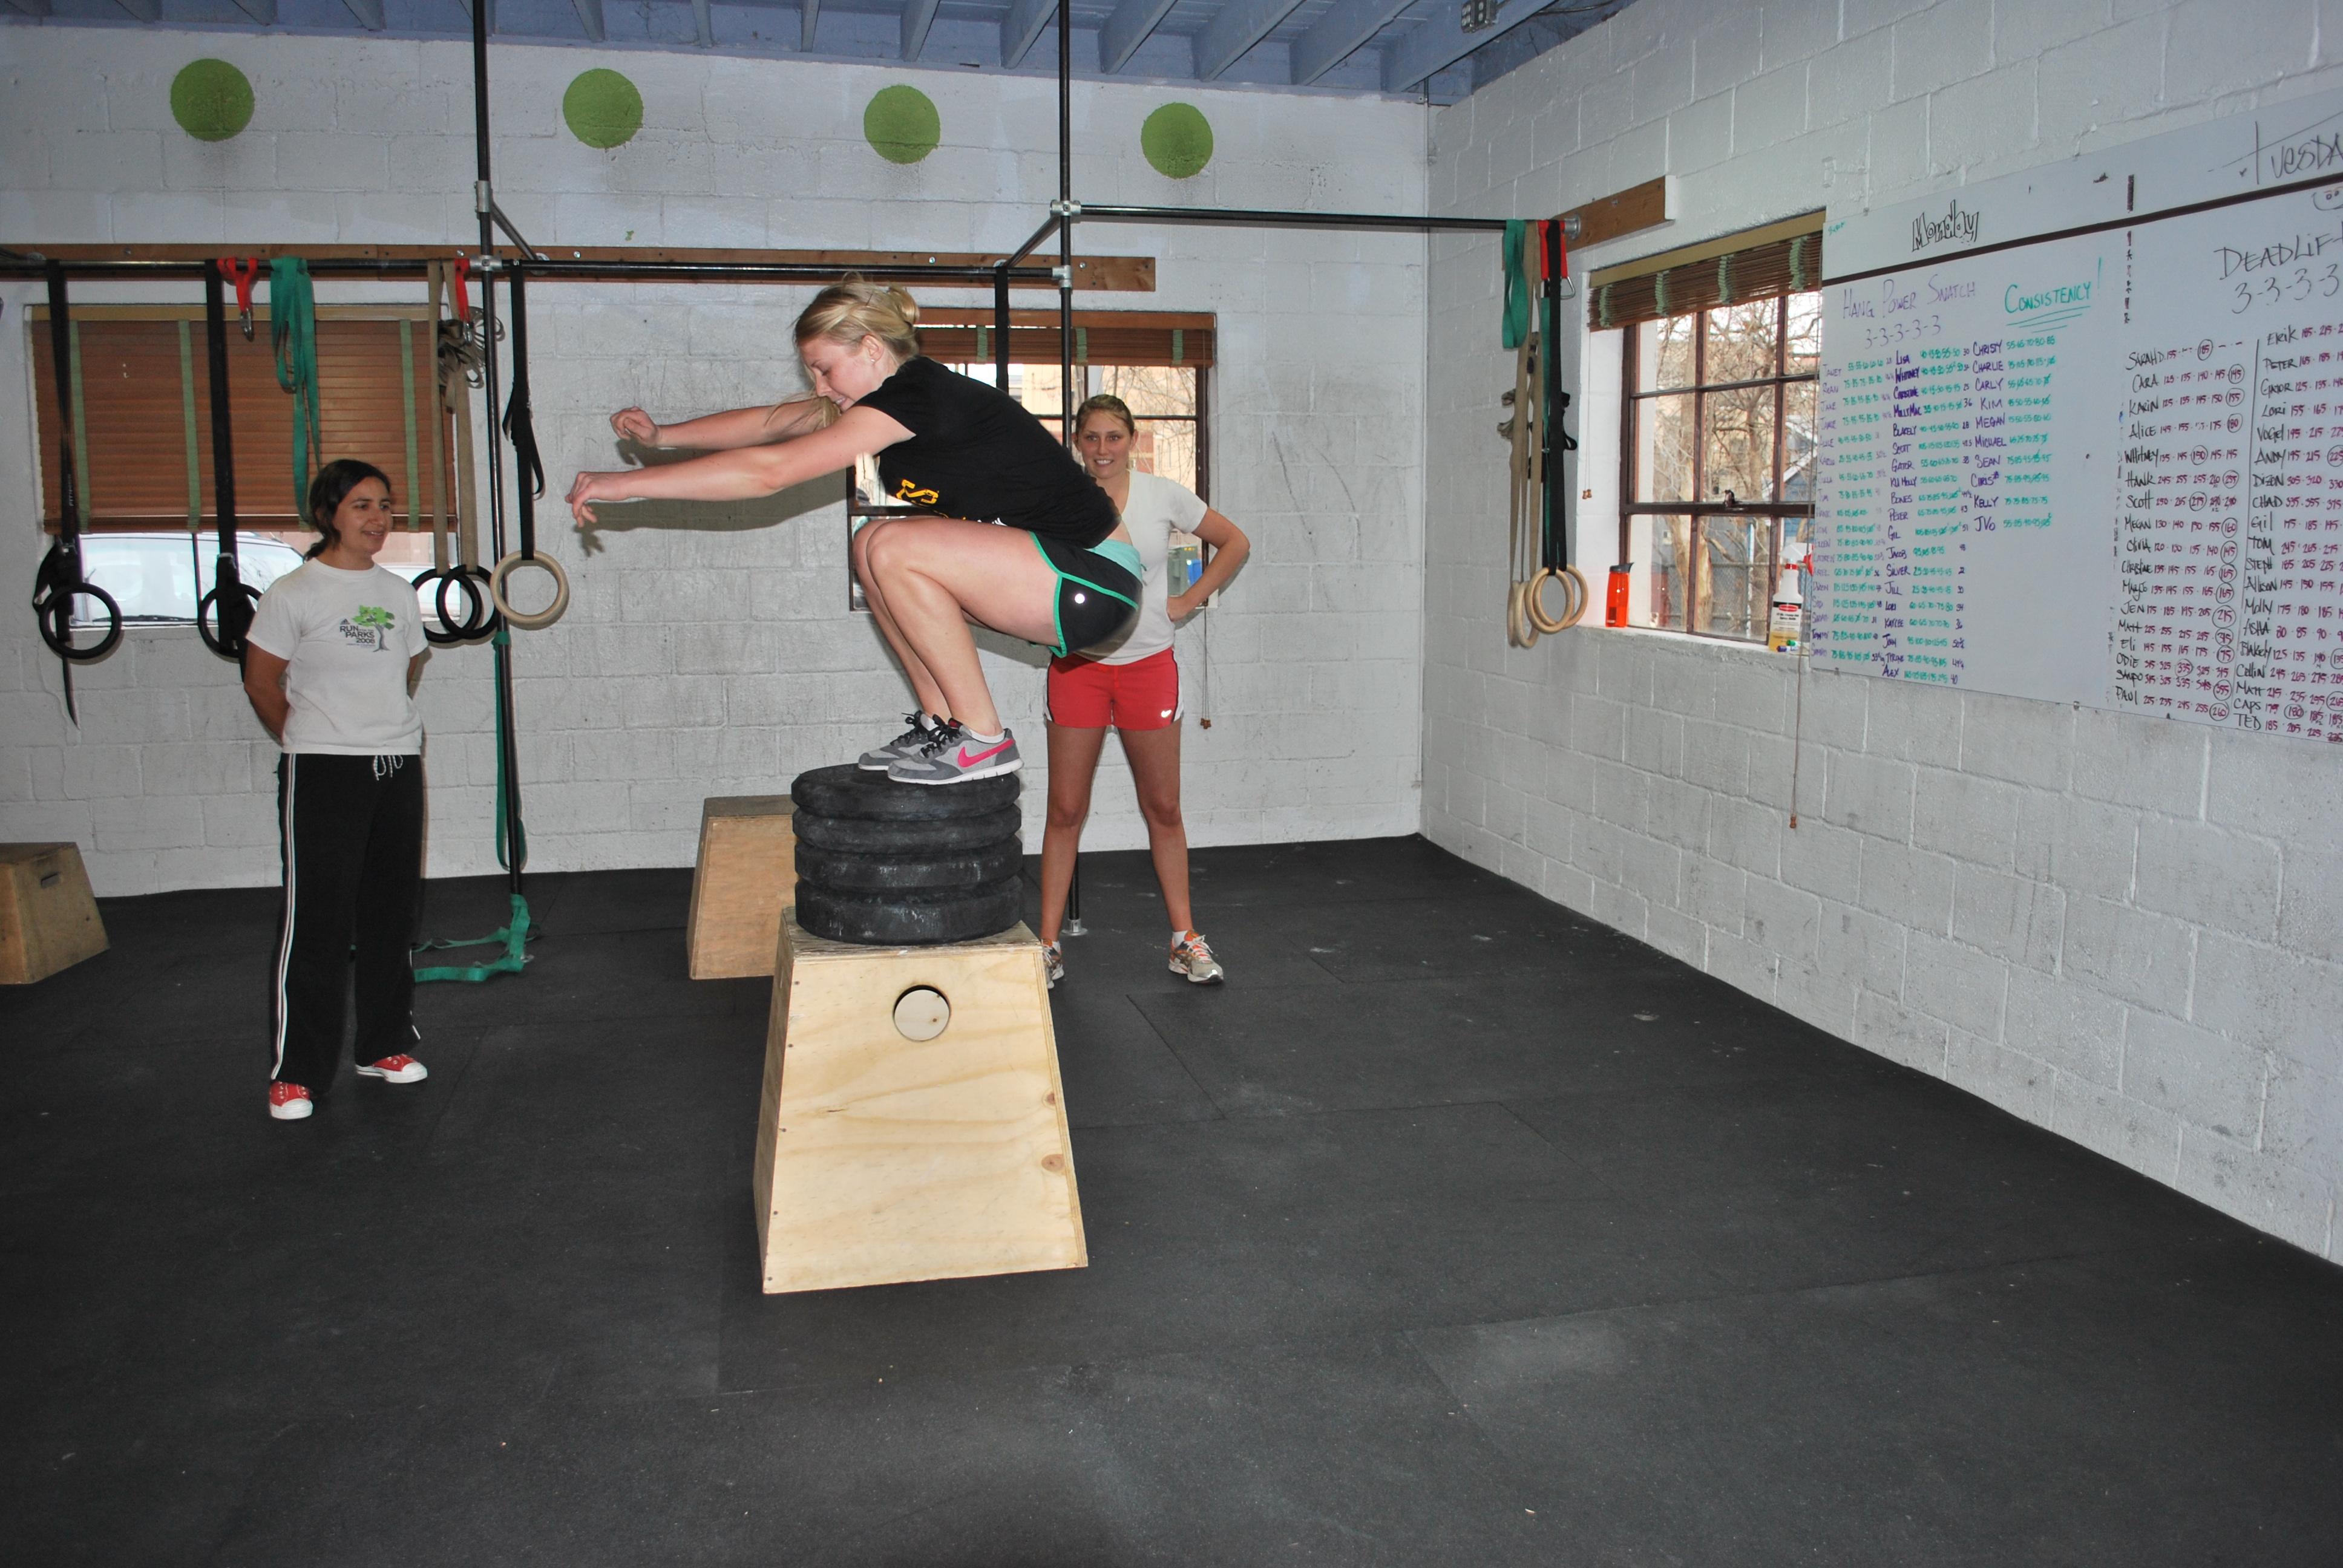 boxjump33